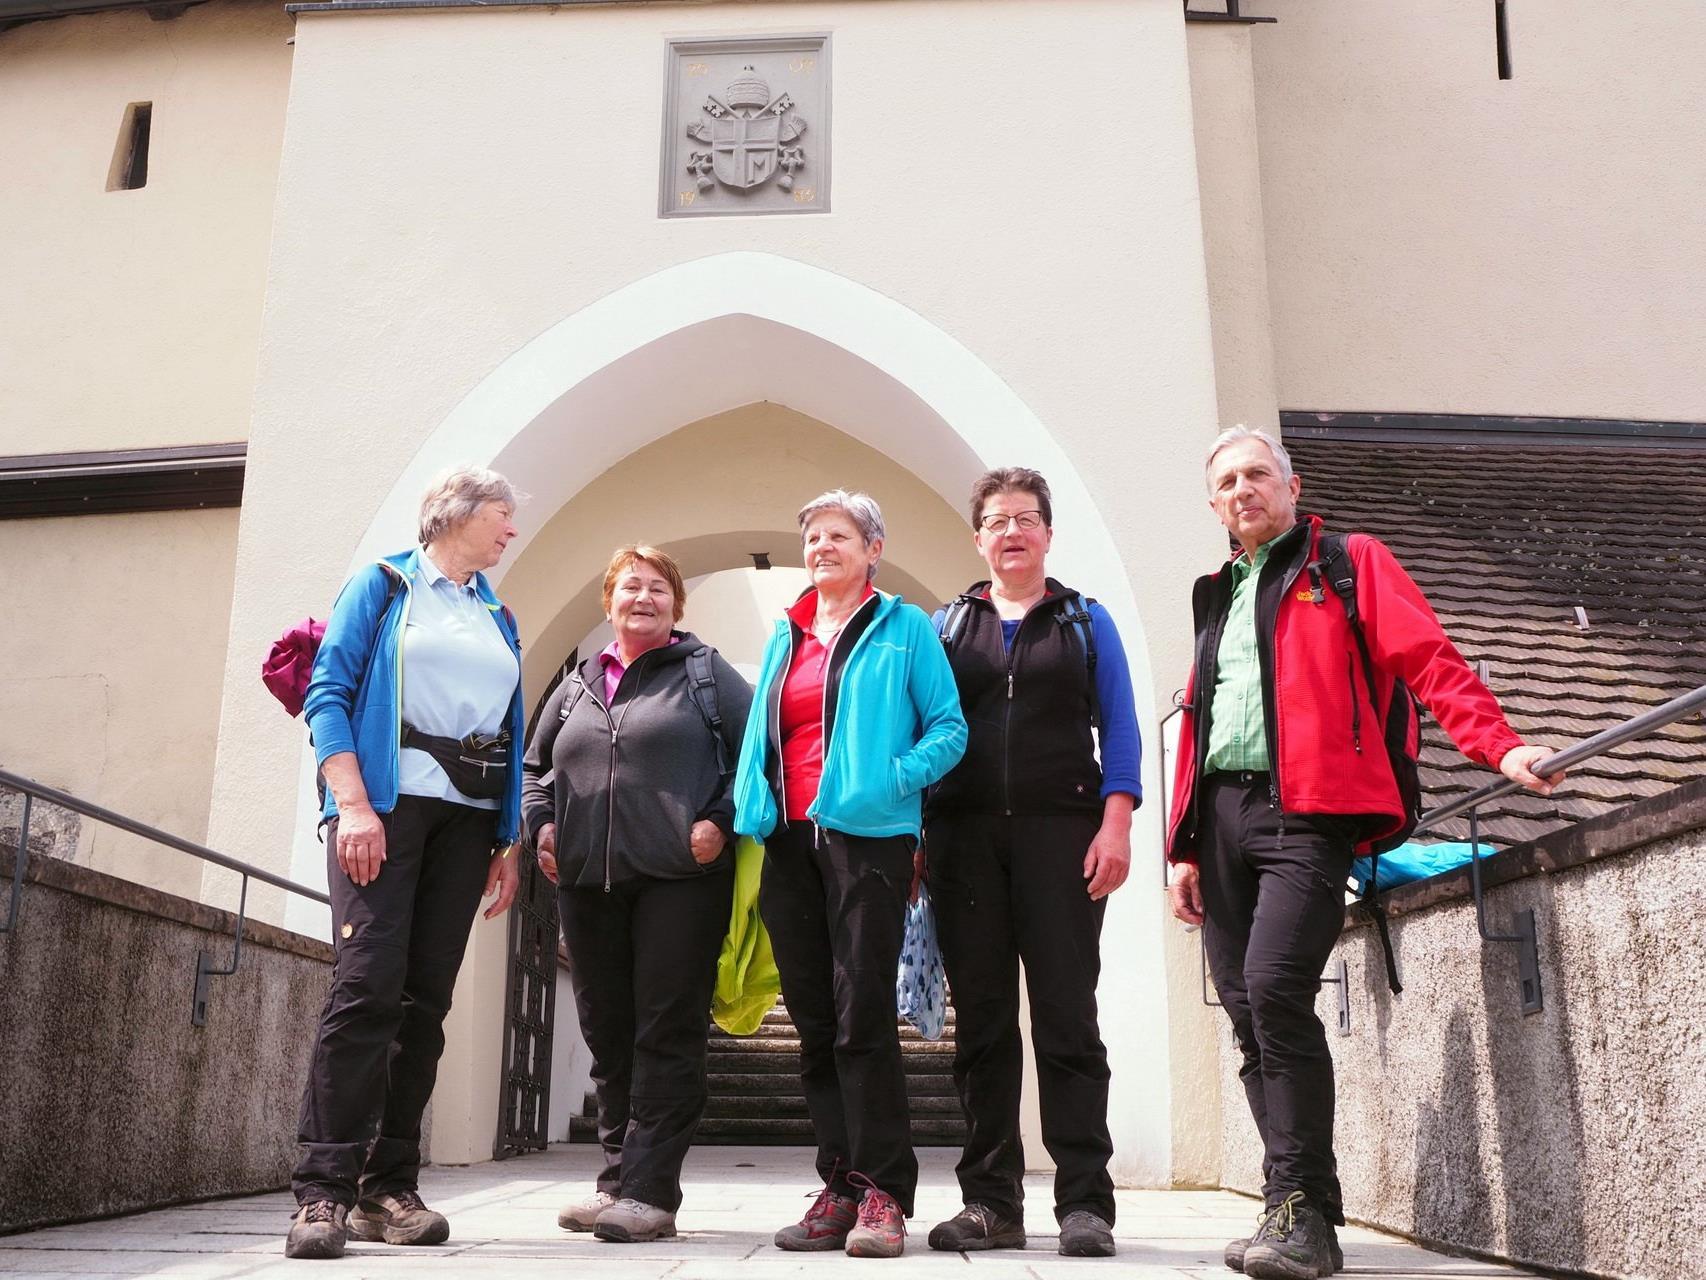 Ludescher Senioren vor der Basilika Rankweil